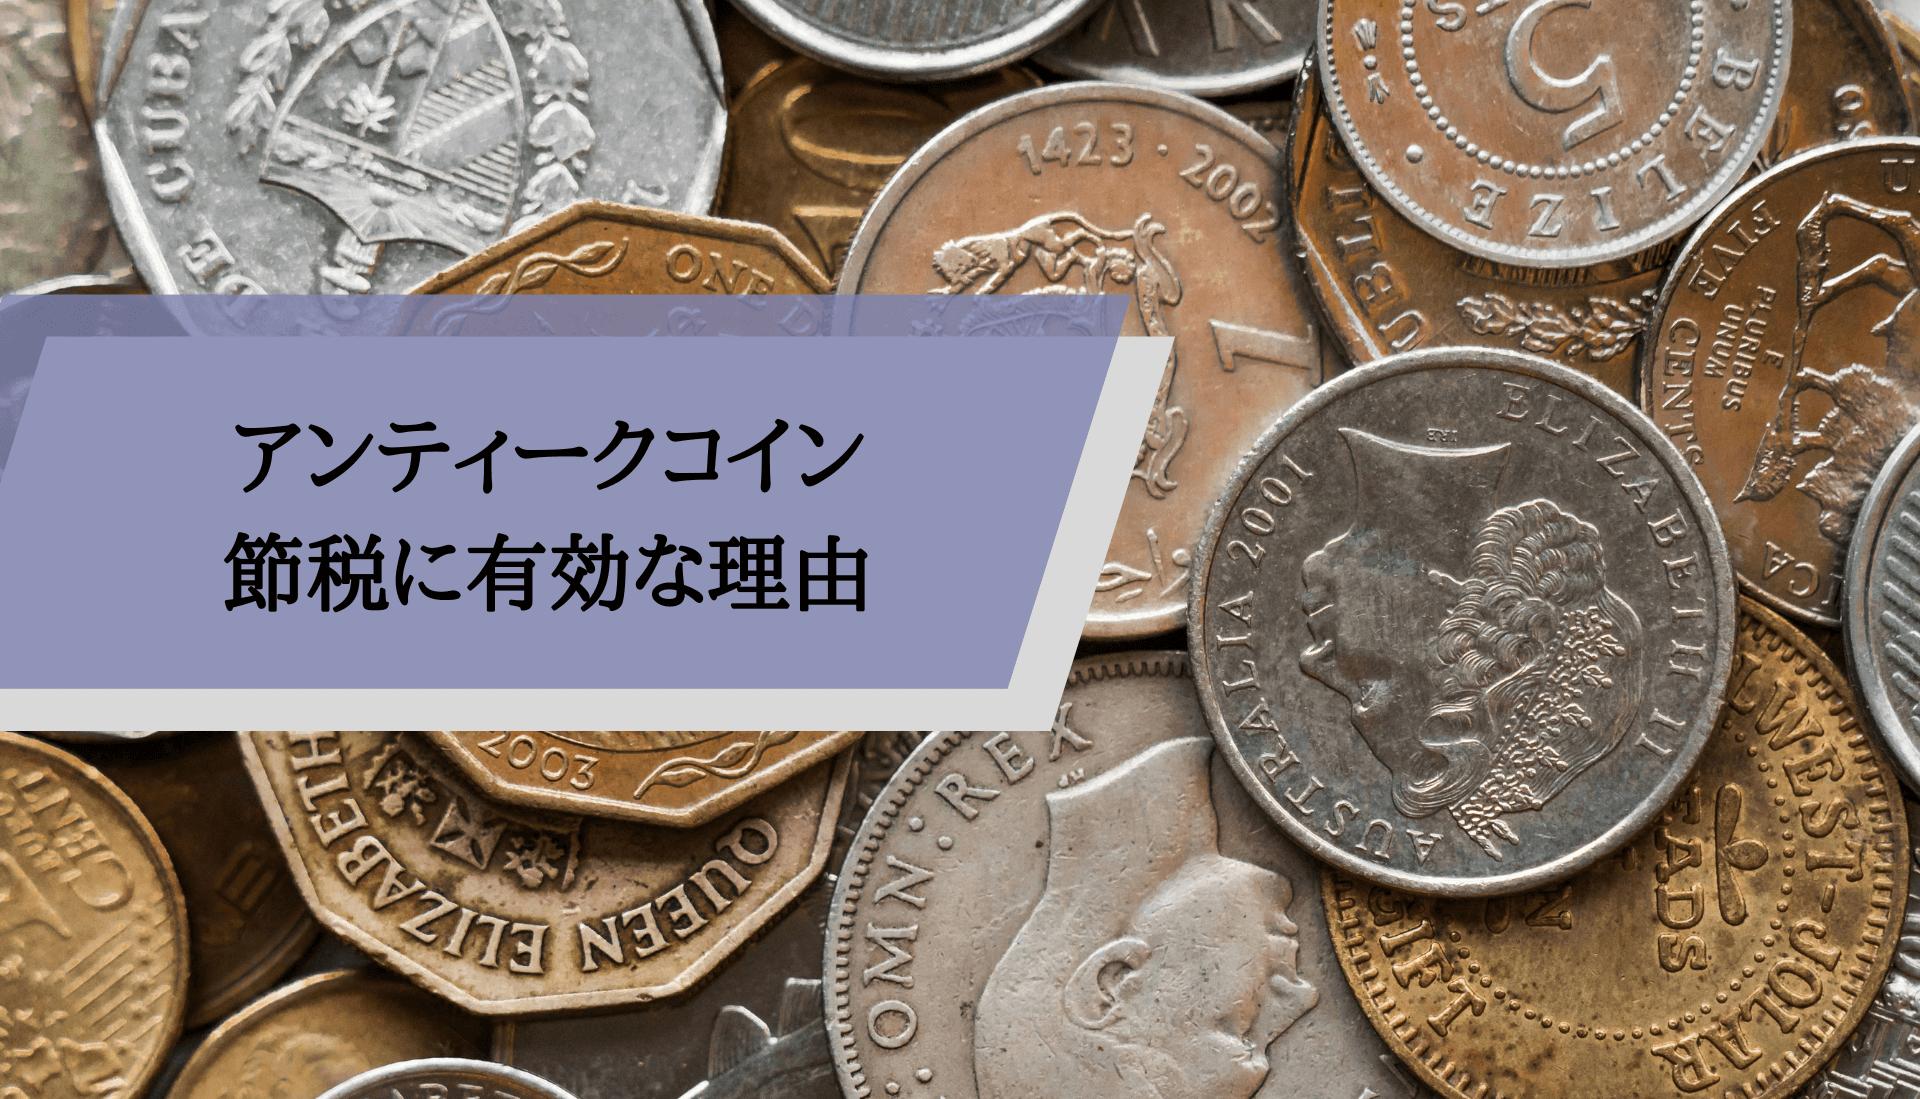 アンティークコイン節税理由